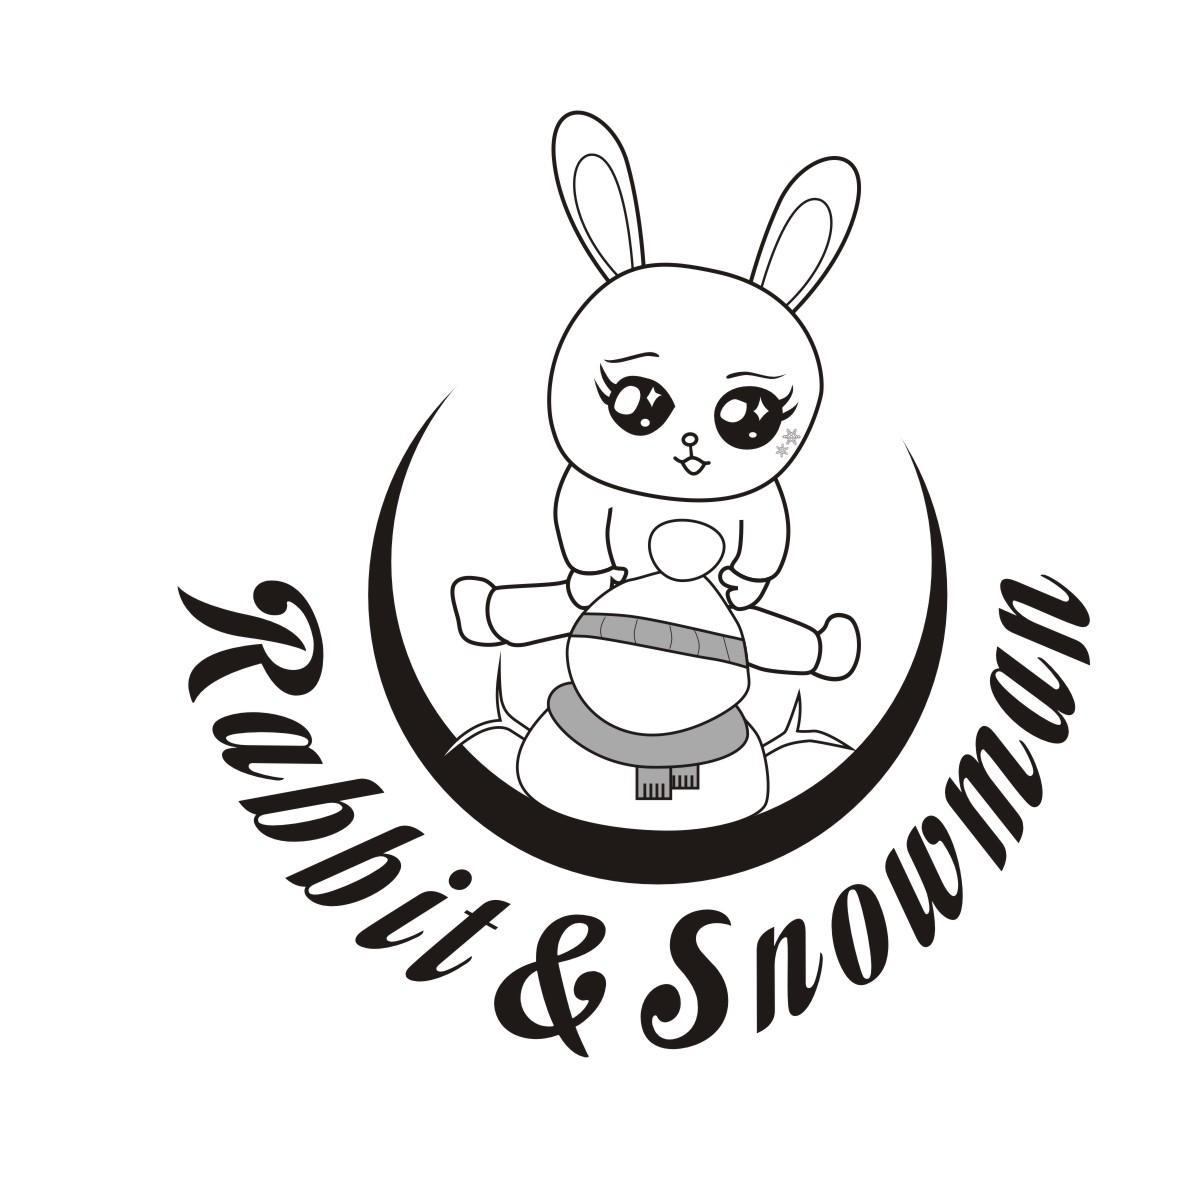 转让商标-RABBIT & SNOWMAN